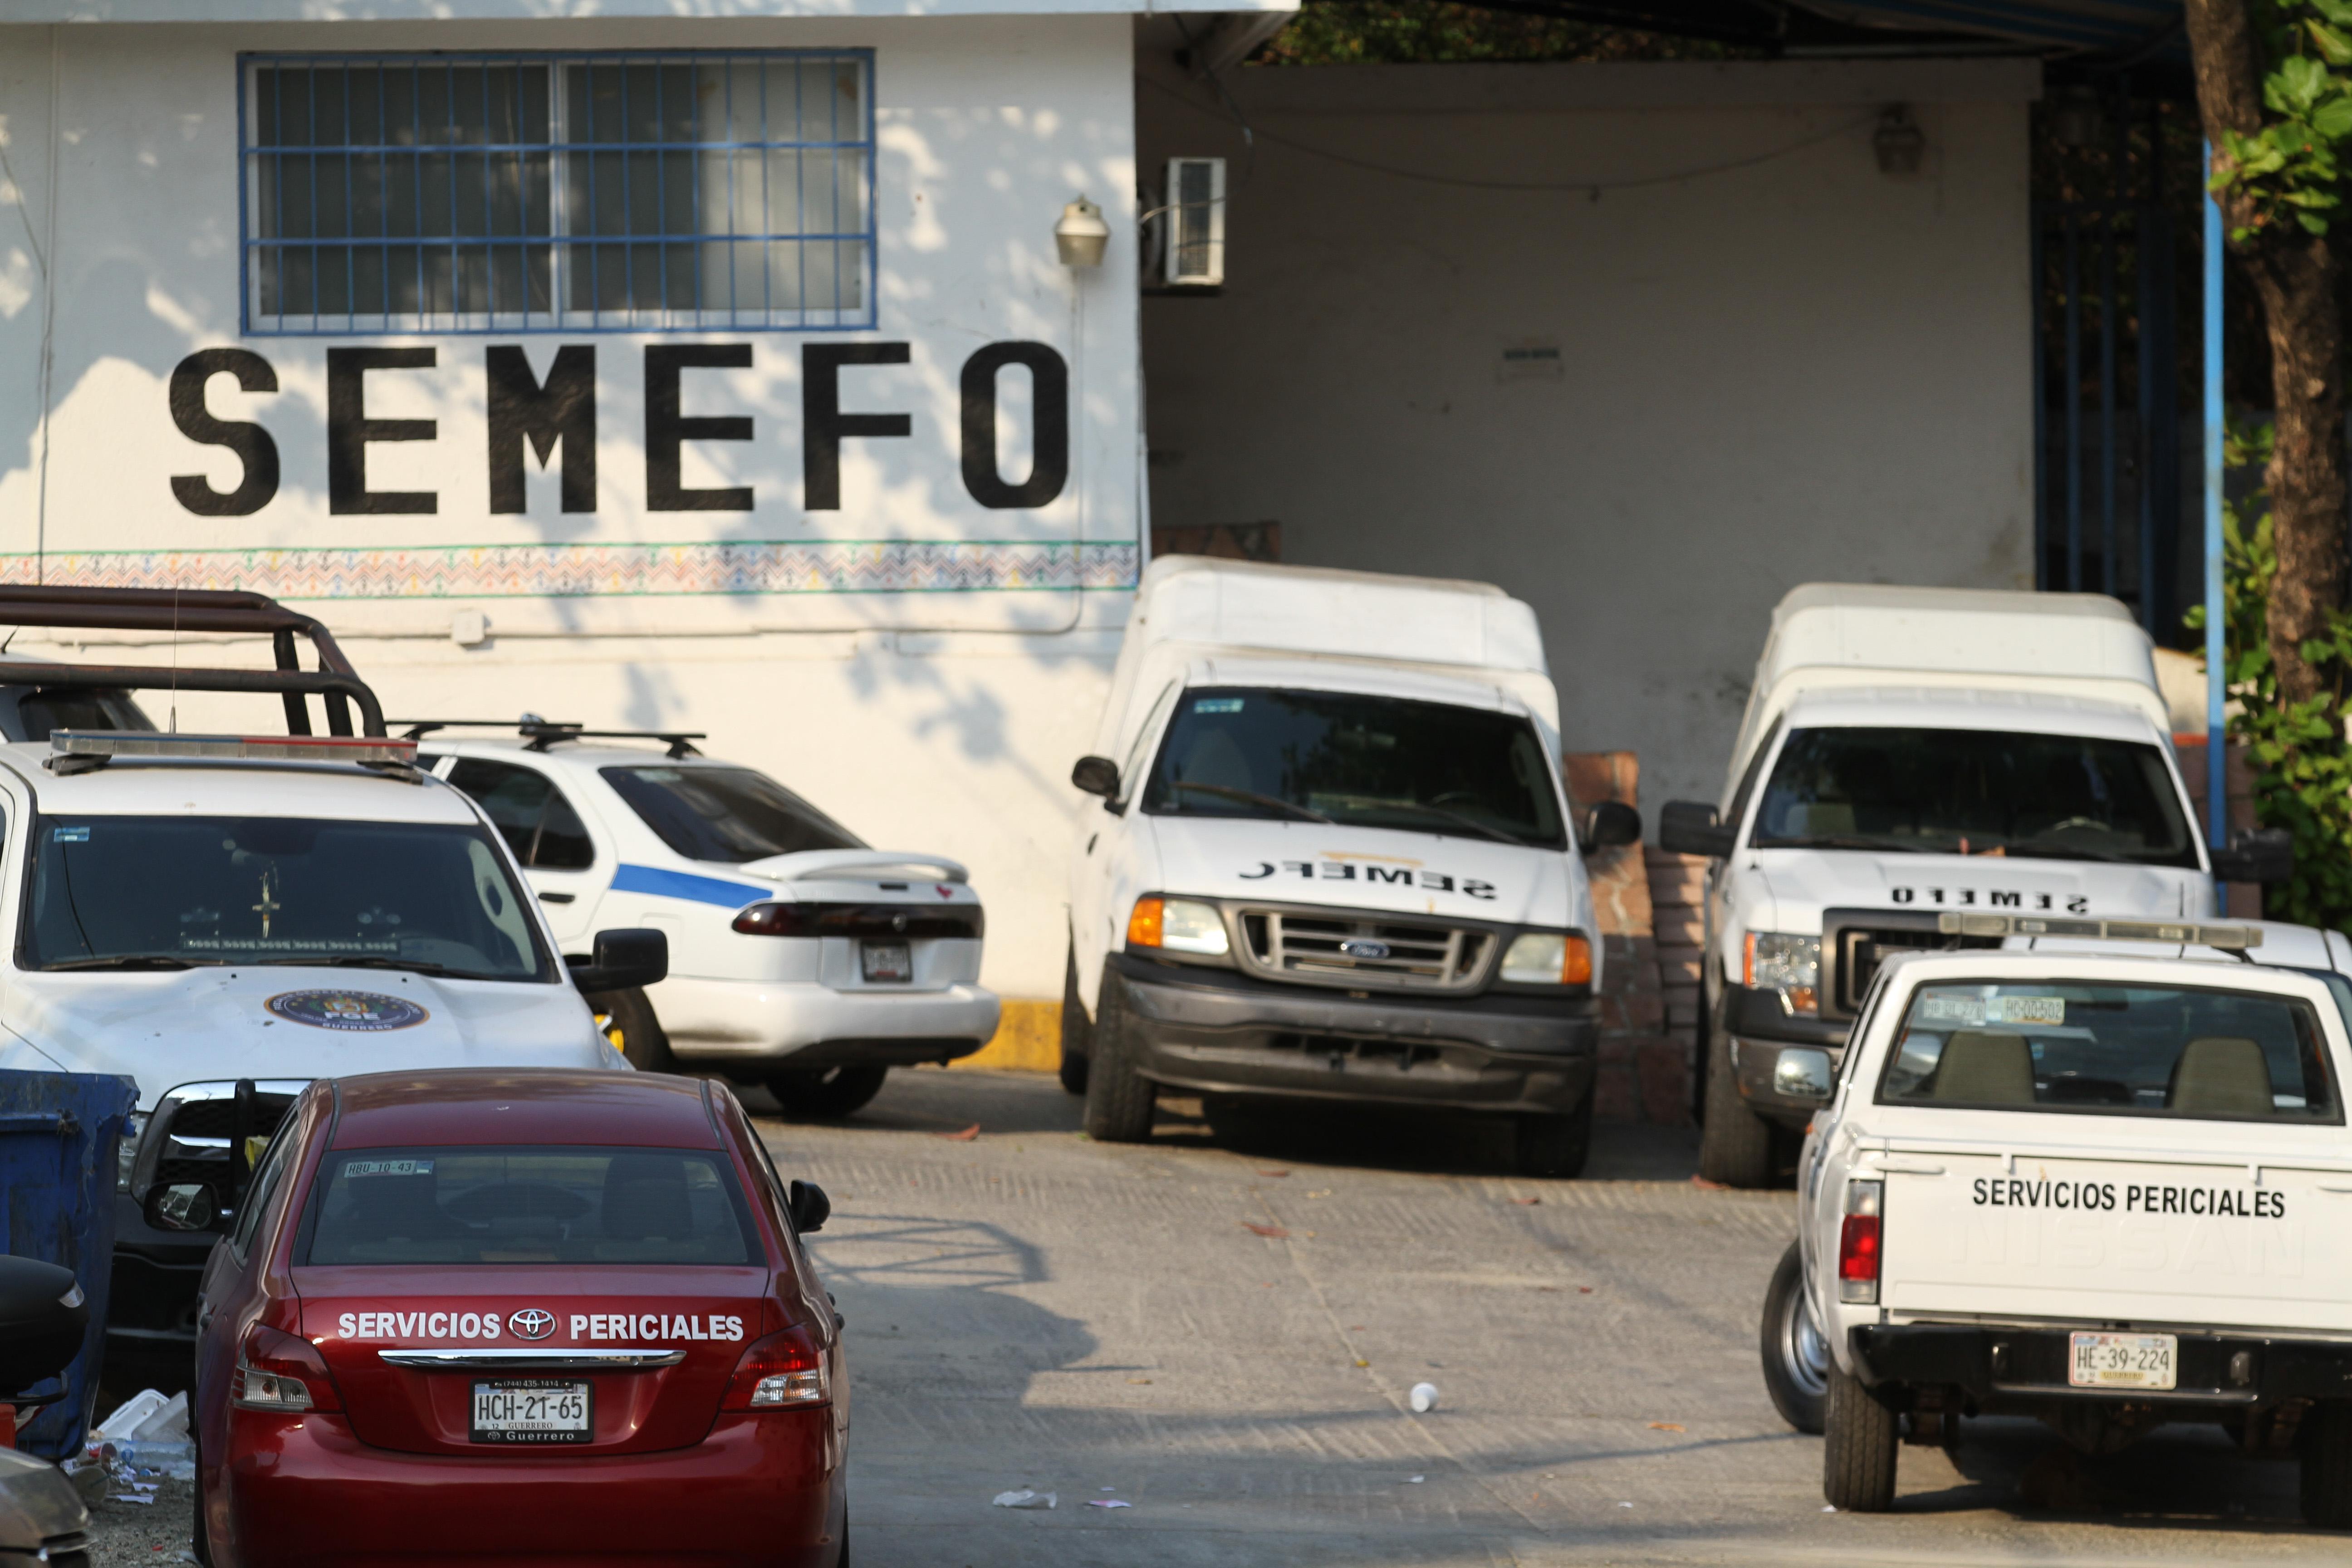 Debido a la acumulación de cuerpos se va a abrir una nueva unidad forense (Foto: BERNANDINO HERNÁNDEZ /CUARTOSCURO)